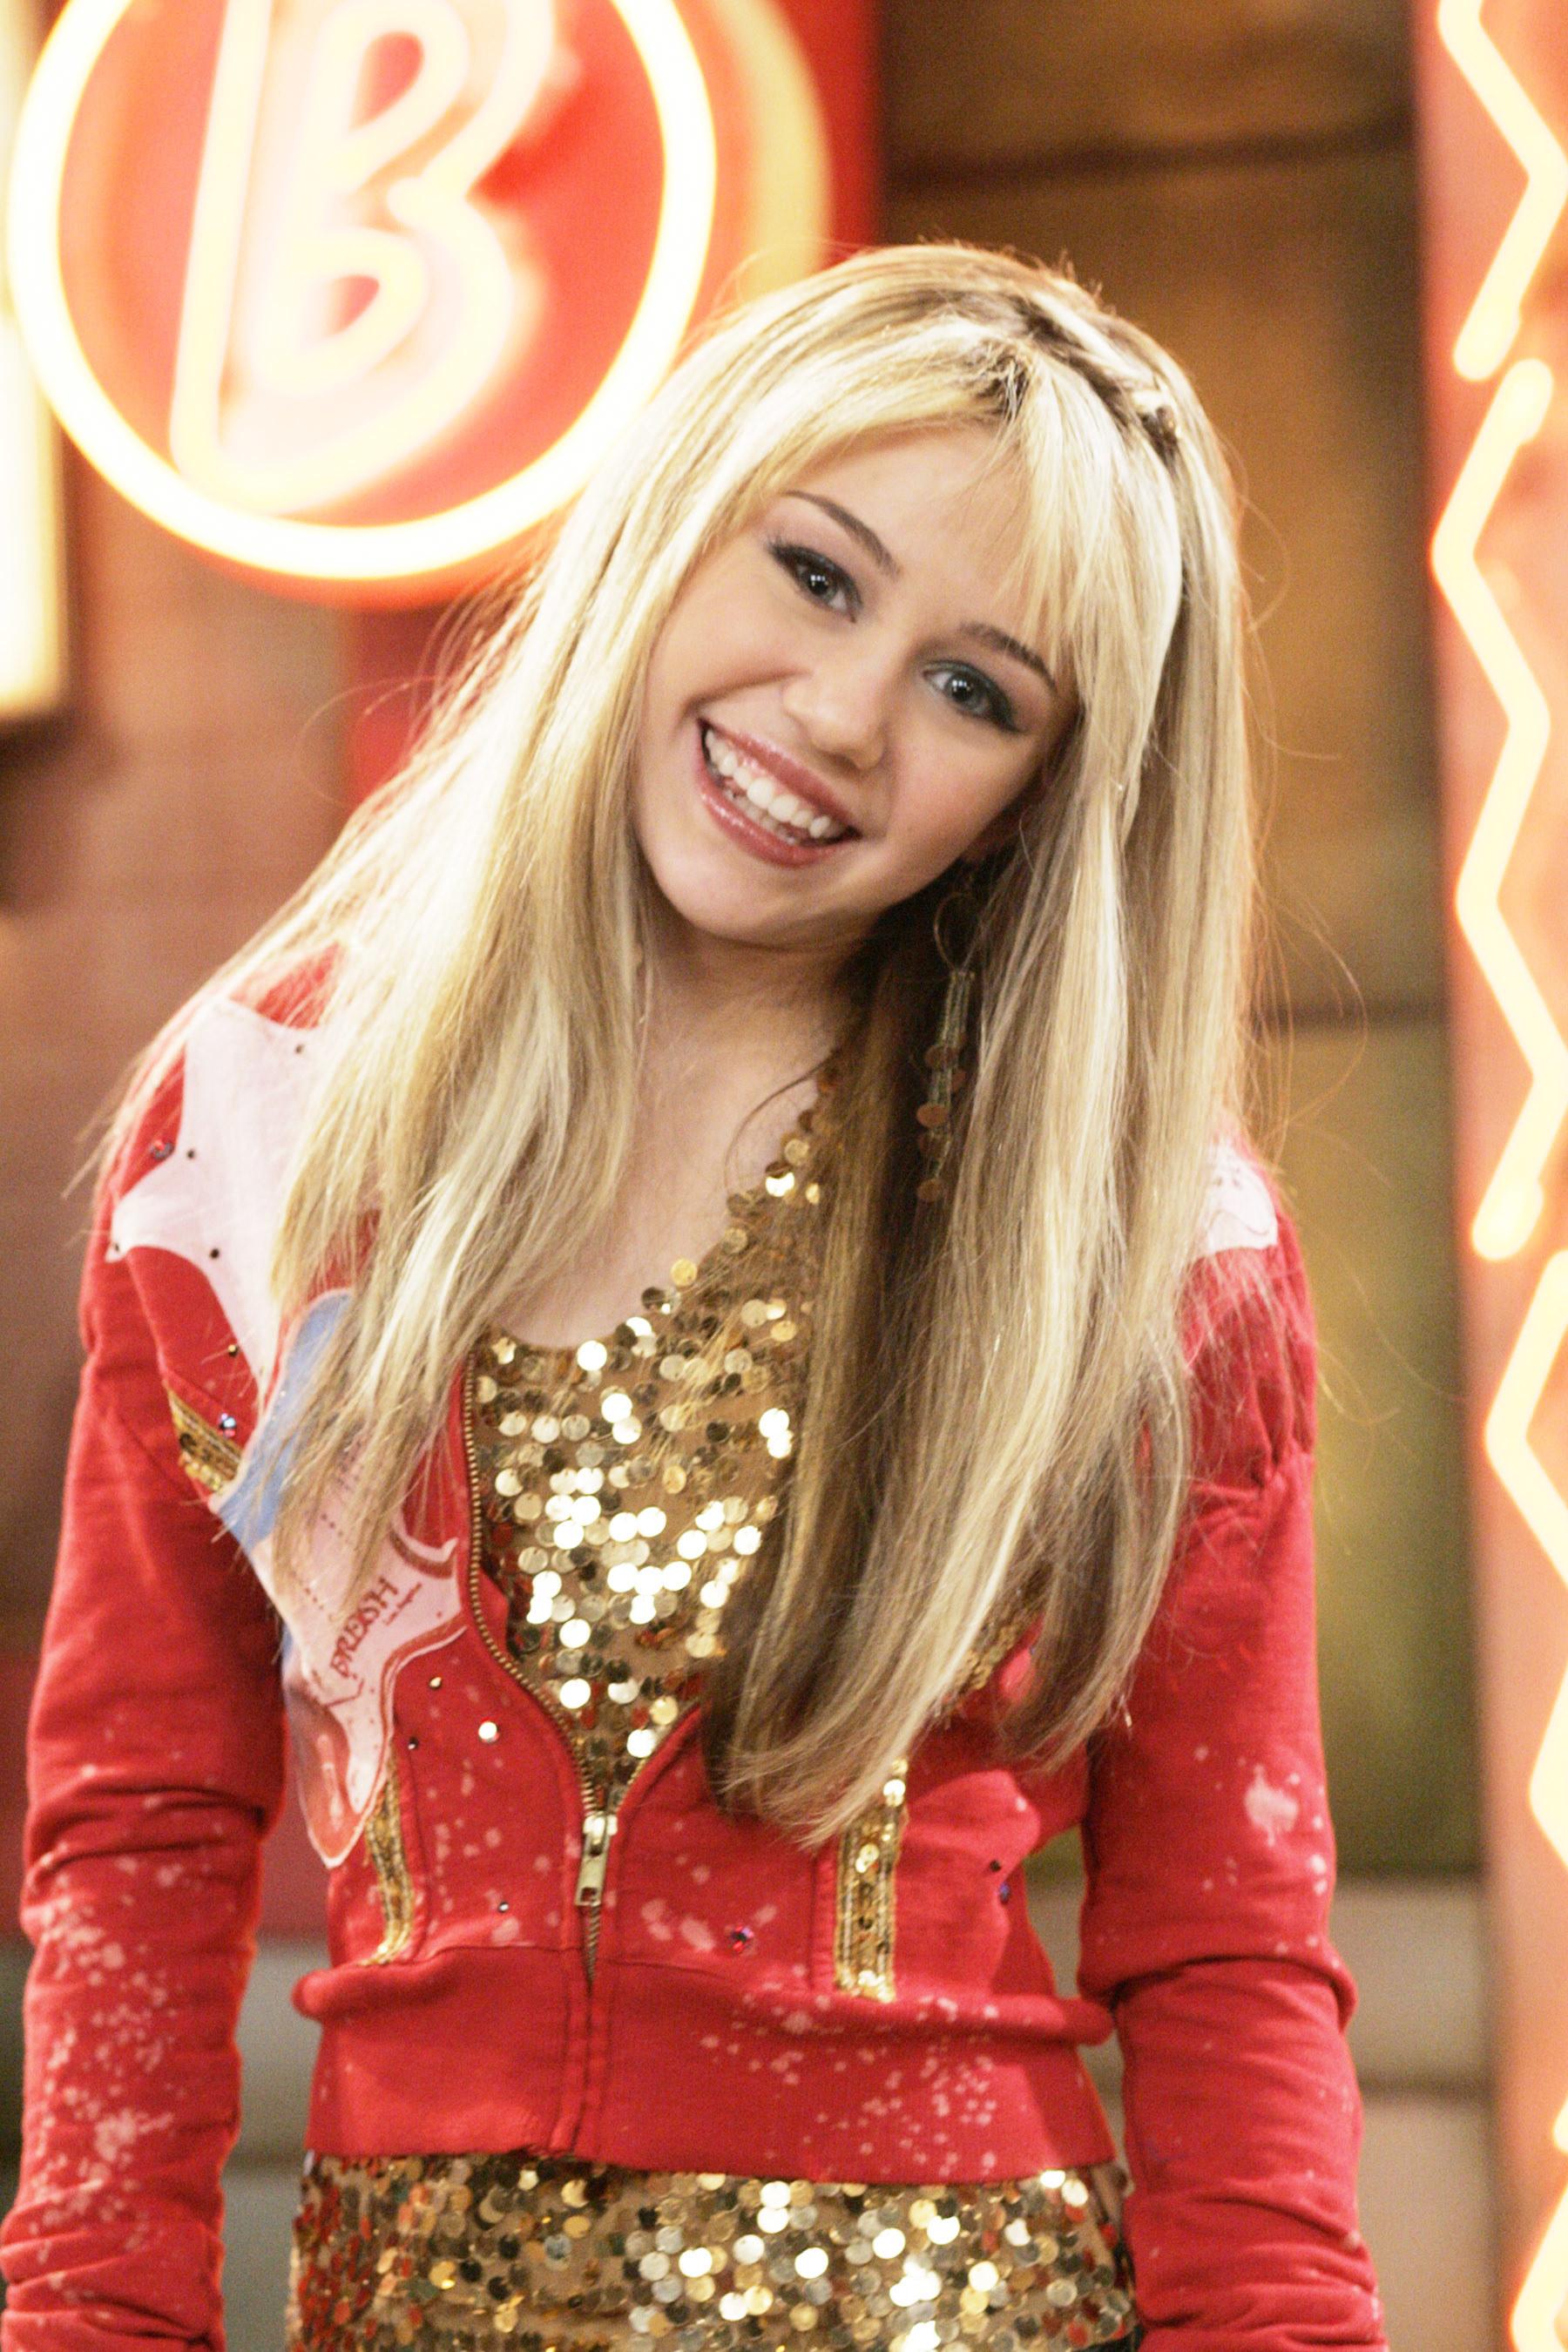 Miley as Hannah on the show